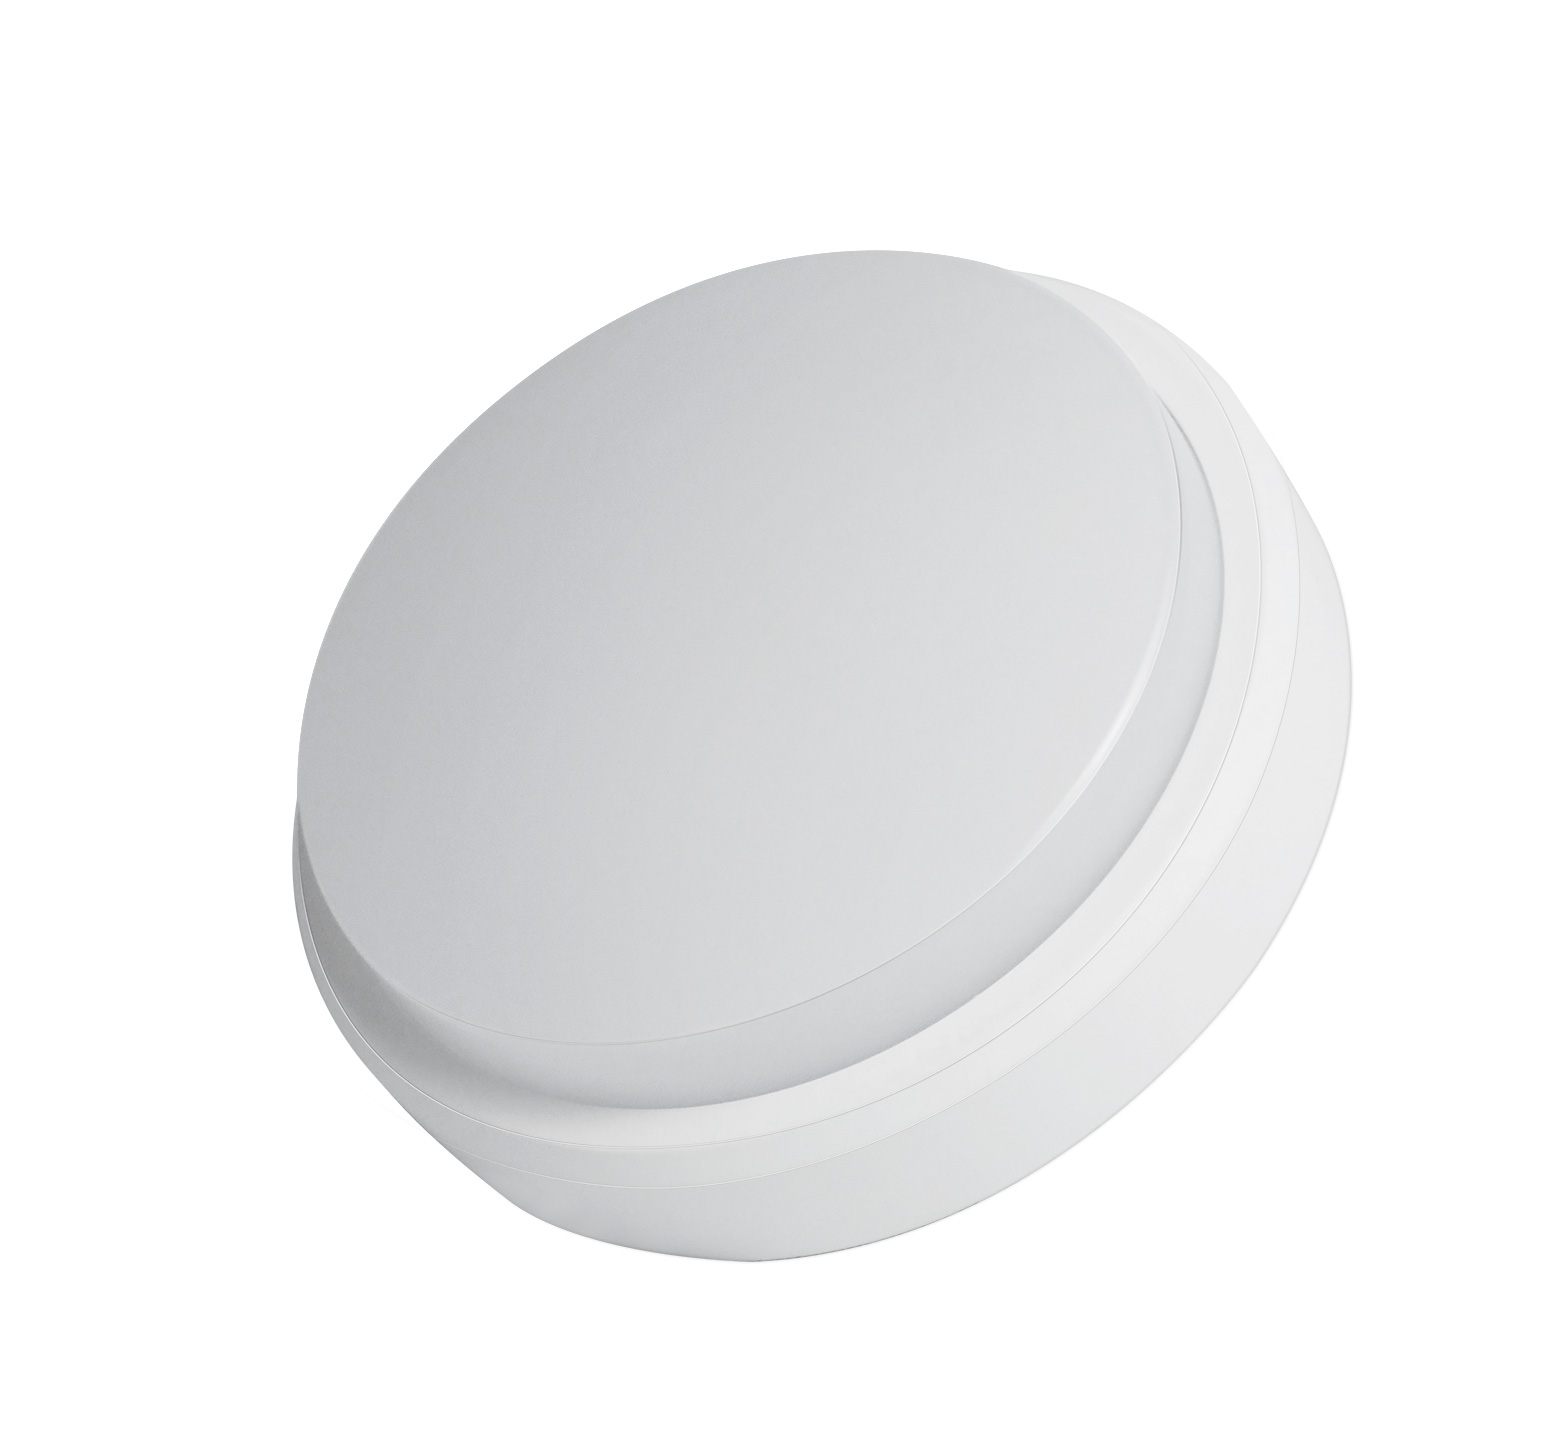 Trang Trí Vòng Trong Nhà Thông Minh LED Đèn Trần Đèn Đèn IP54 LED Vách Ngăn Ánh Sáng